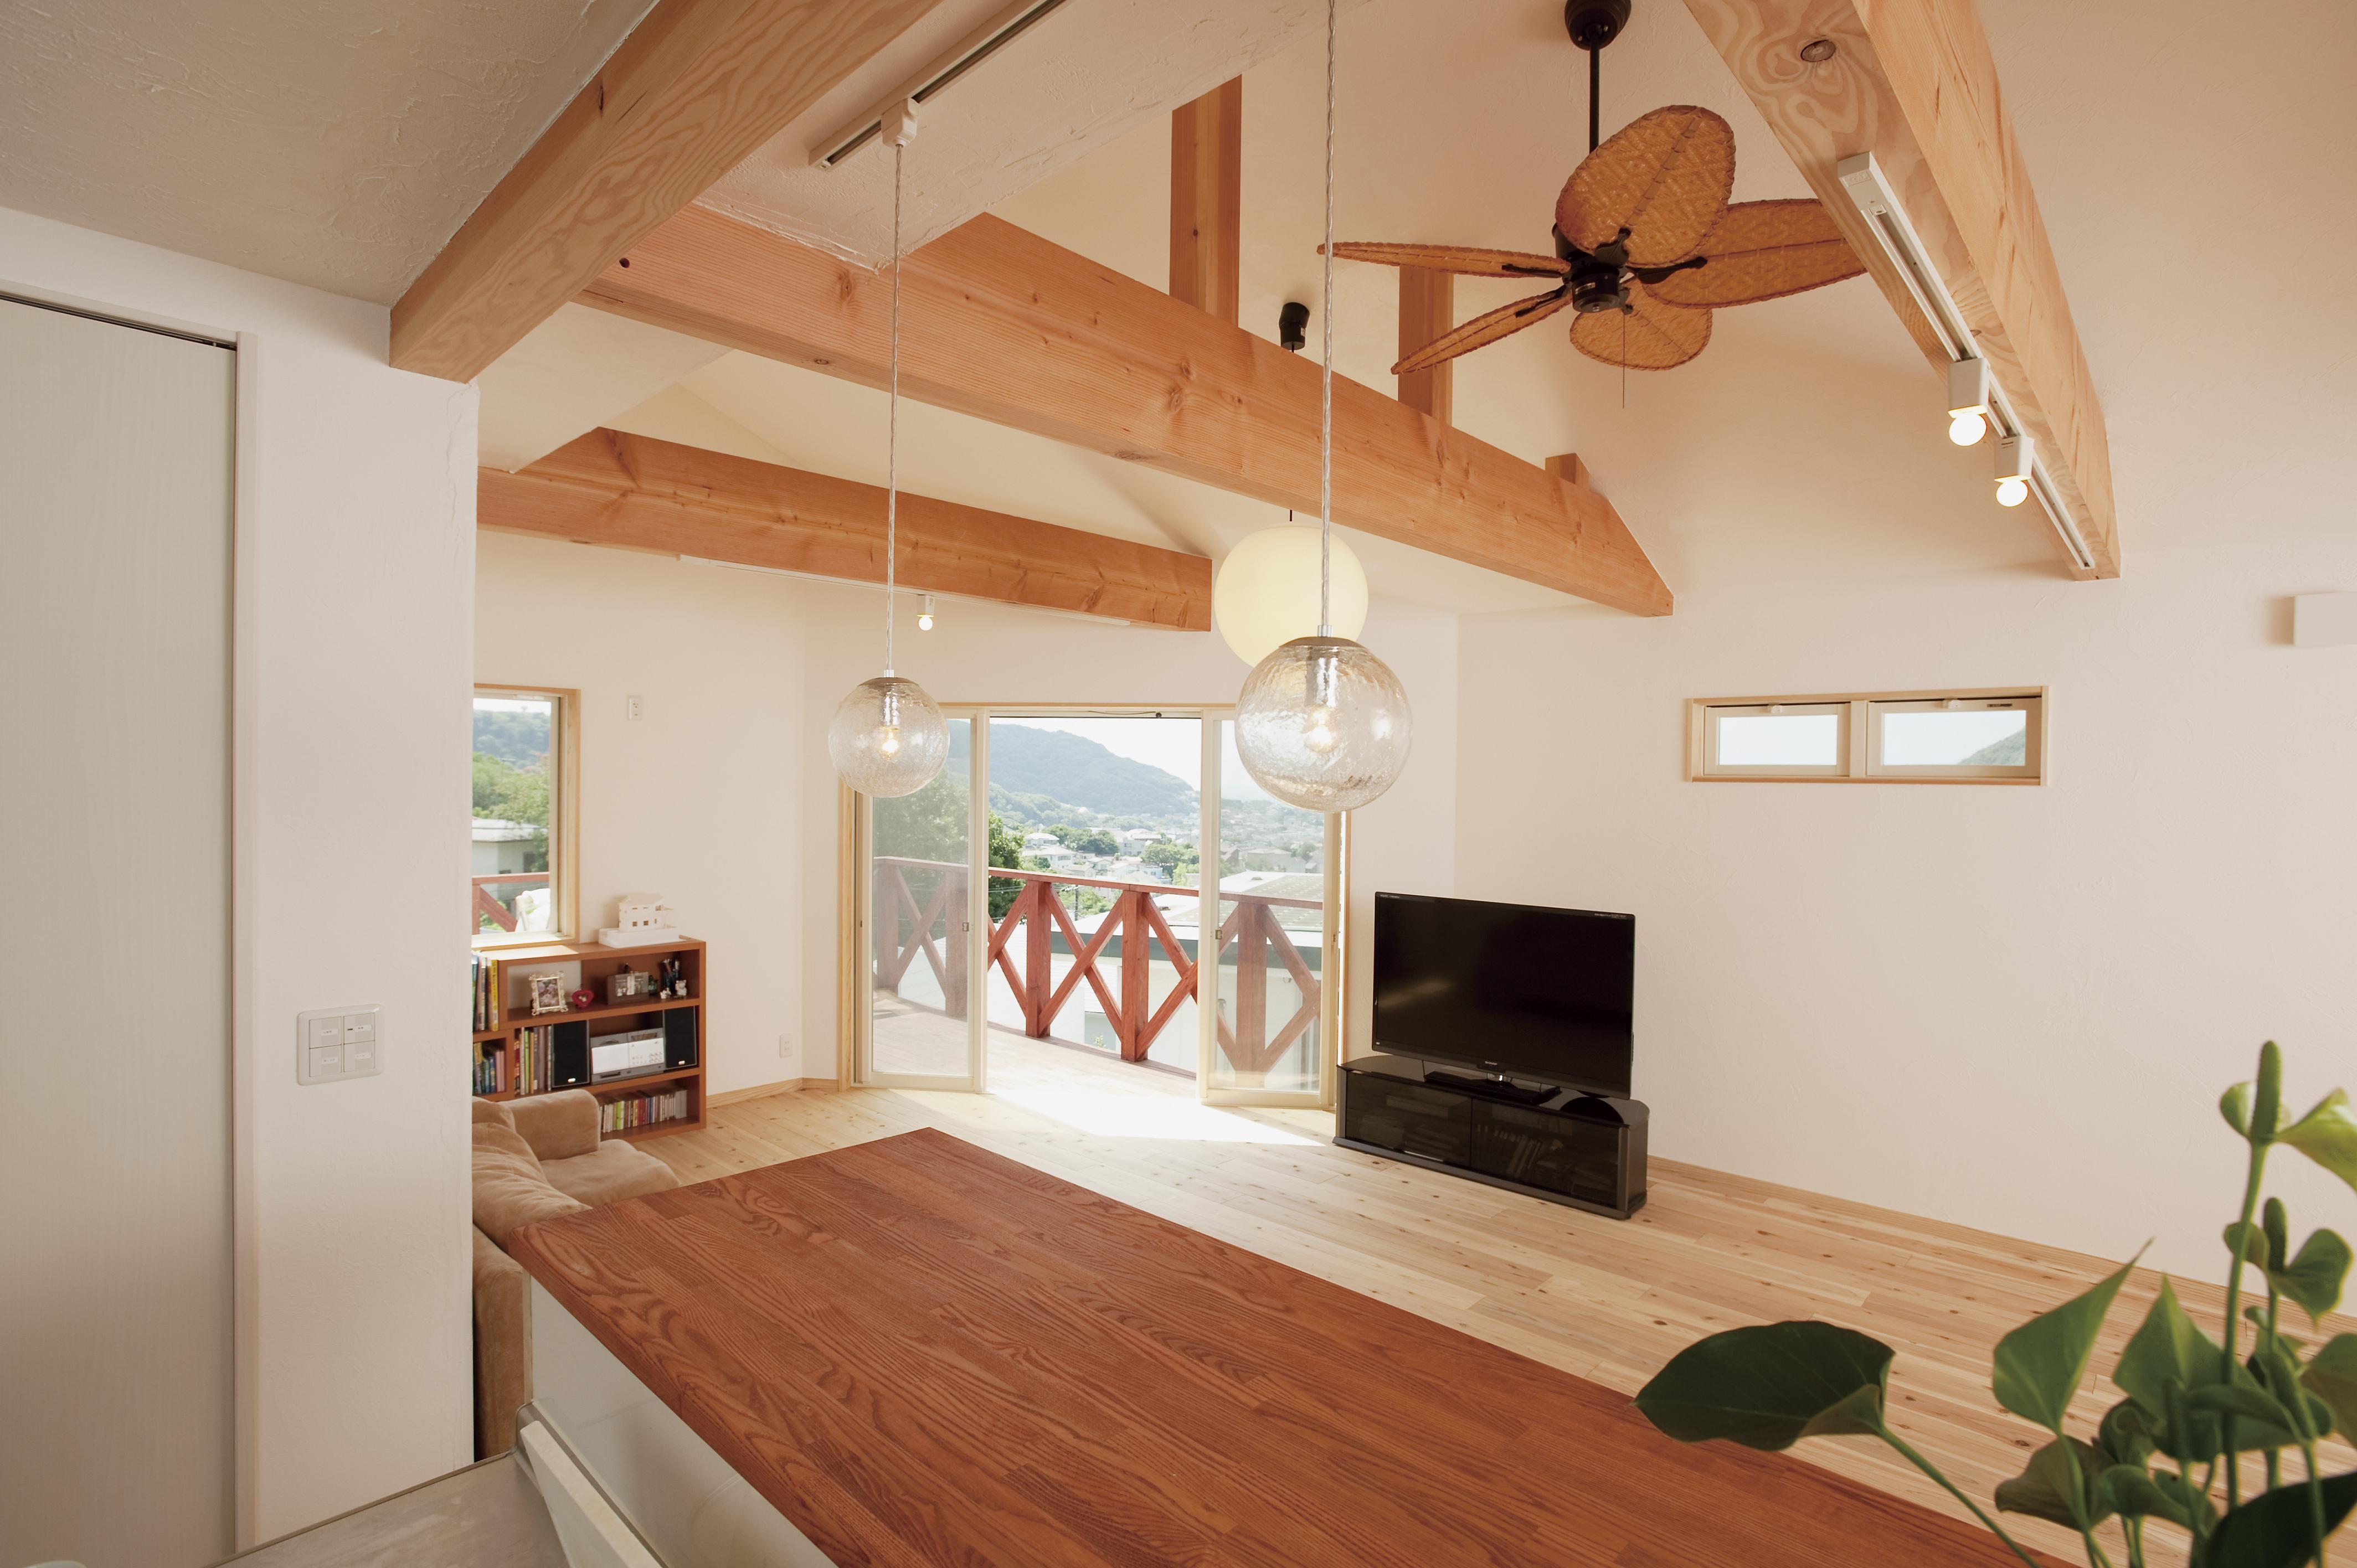 移住するなら湿気の対策が出来る自然素材の家がおすすめ